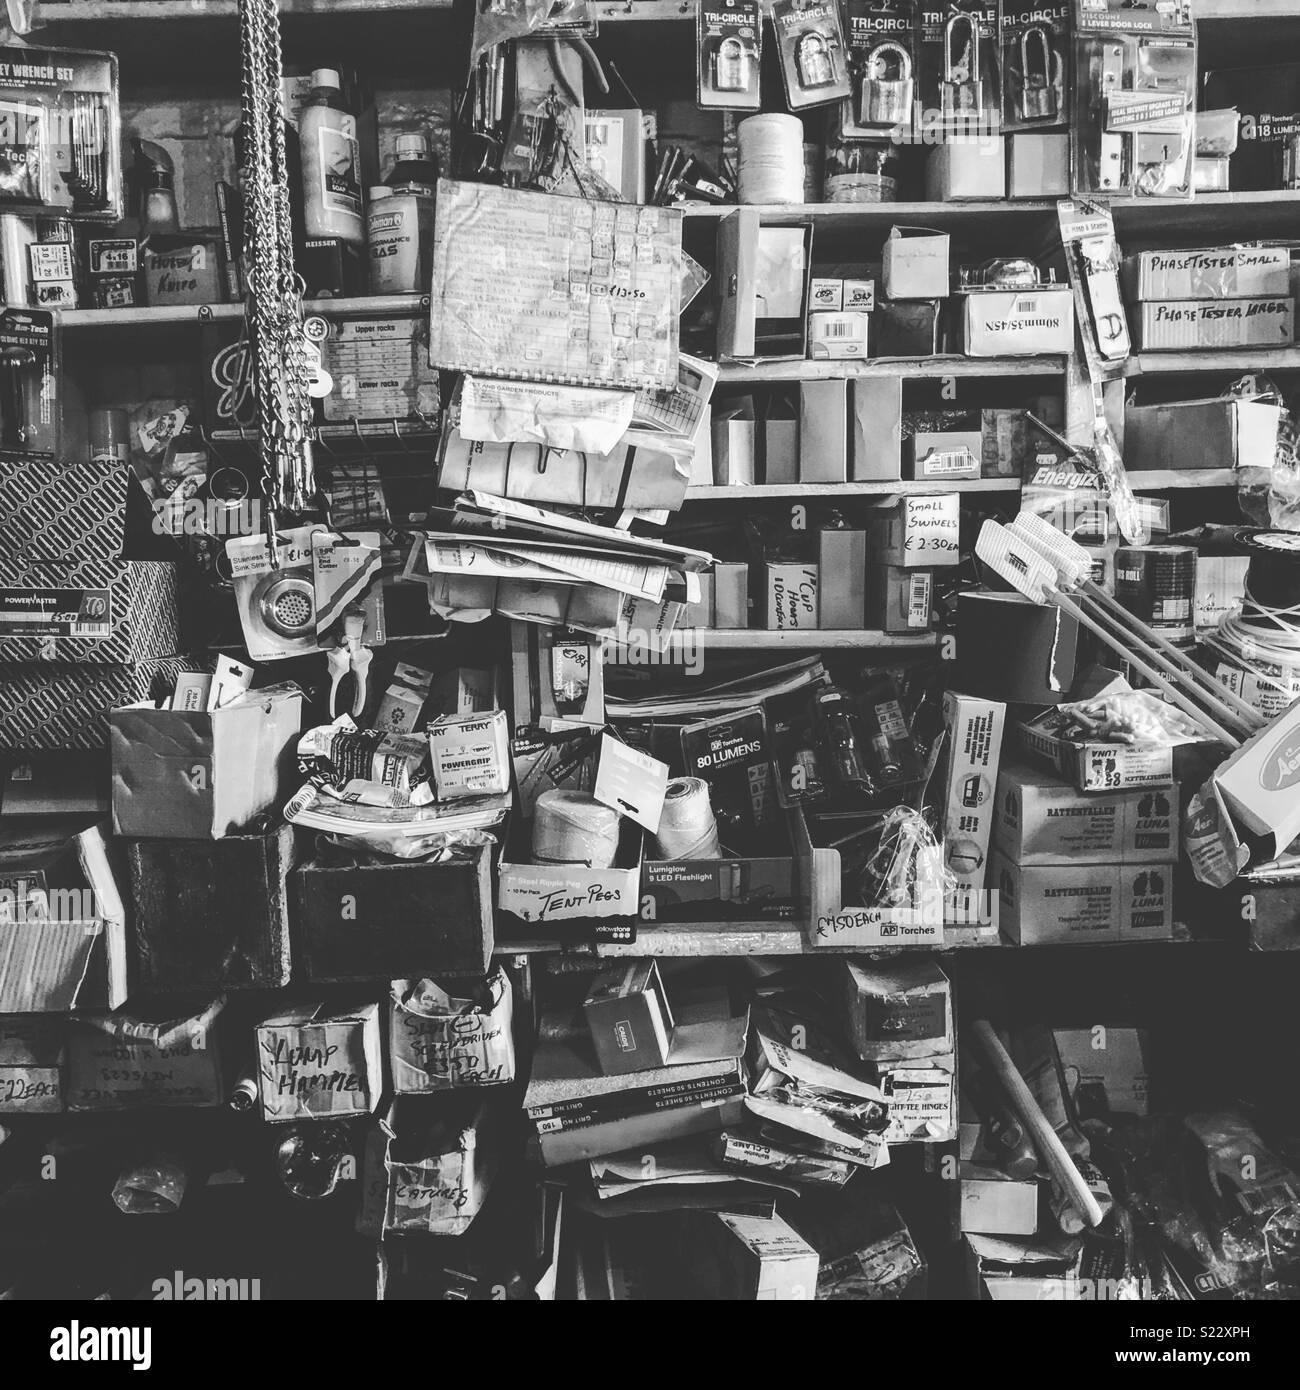 Junk Shop Imagens de Stock